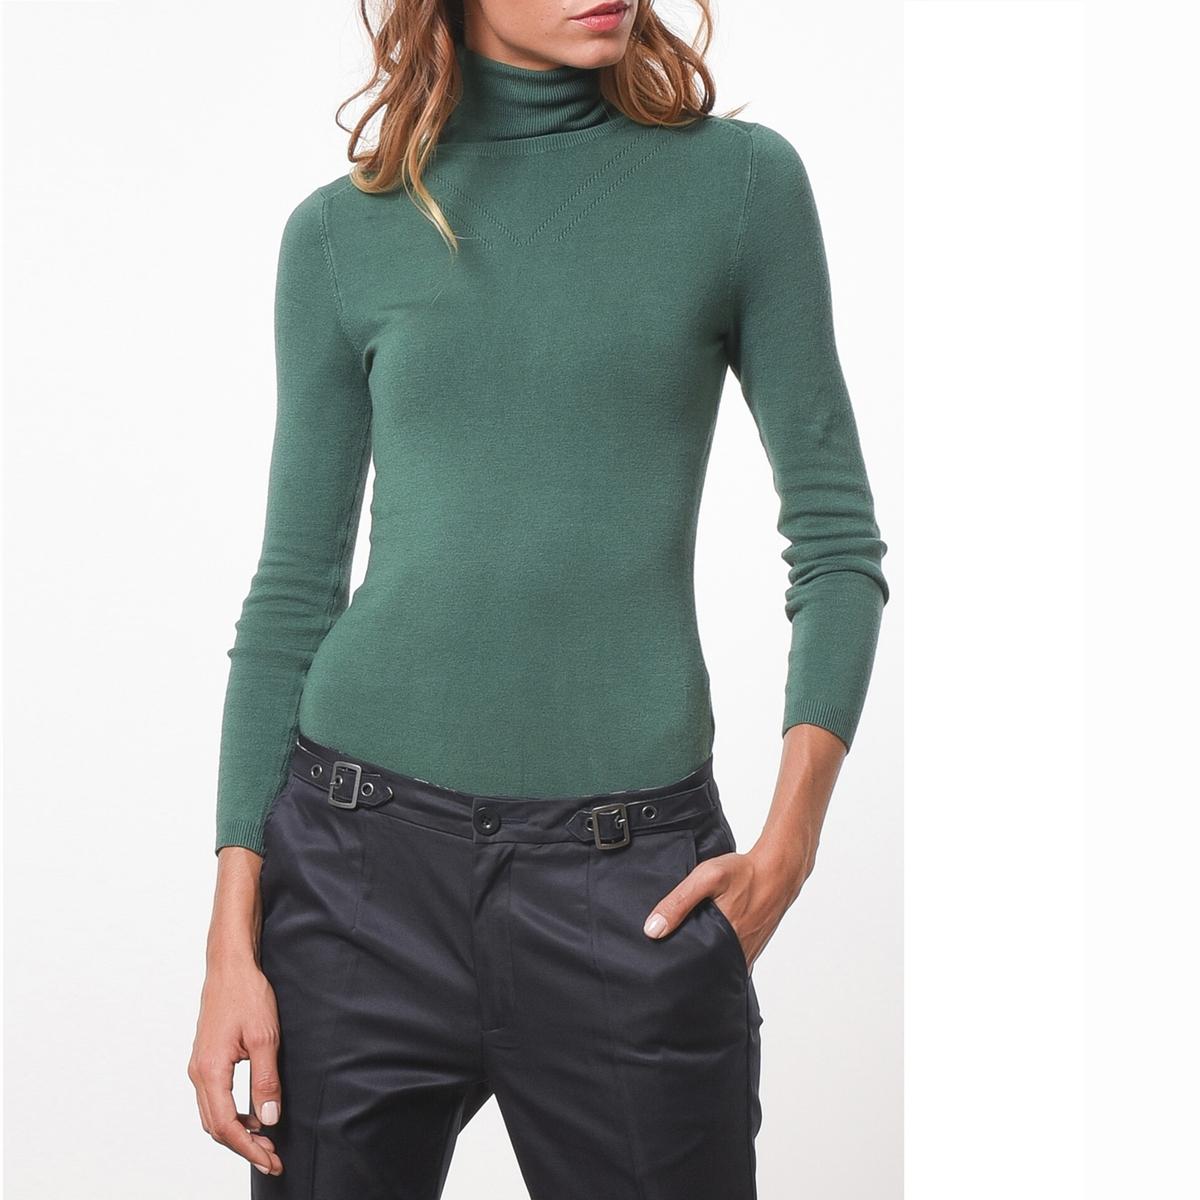 Пуловер с высоким воротникомСостав &amp; ДеталиМатериал            81% вискозы, 17% полиамида, 2% эластана      Марка            JOE RETRO          Уход     Следуйте рекомендациям по уходу, указанным на этикетке изделия<br><br>Цвет: зеленый<br>Размер: L